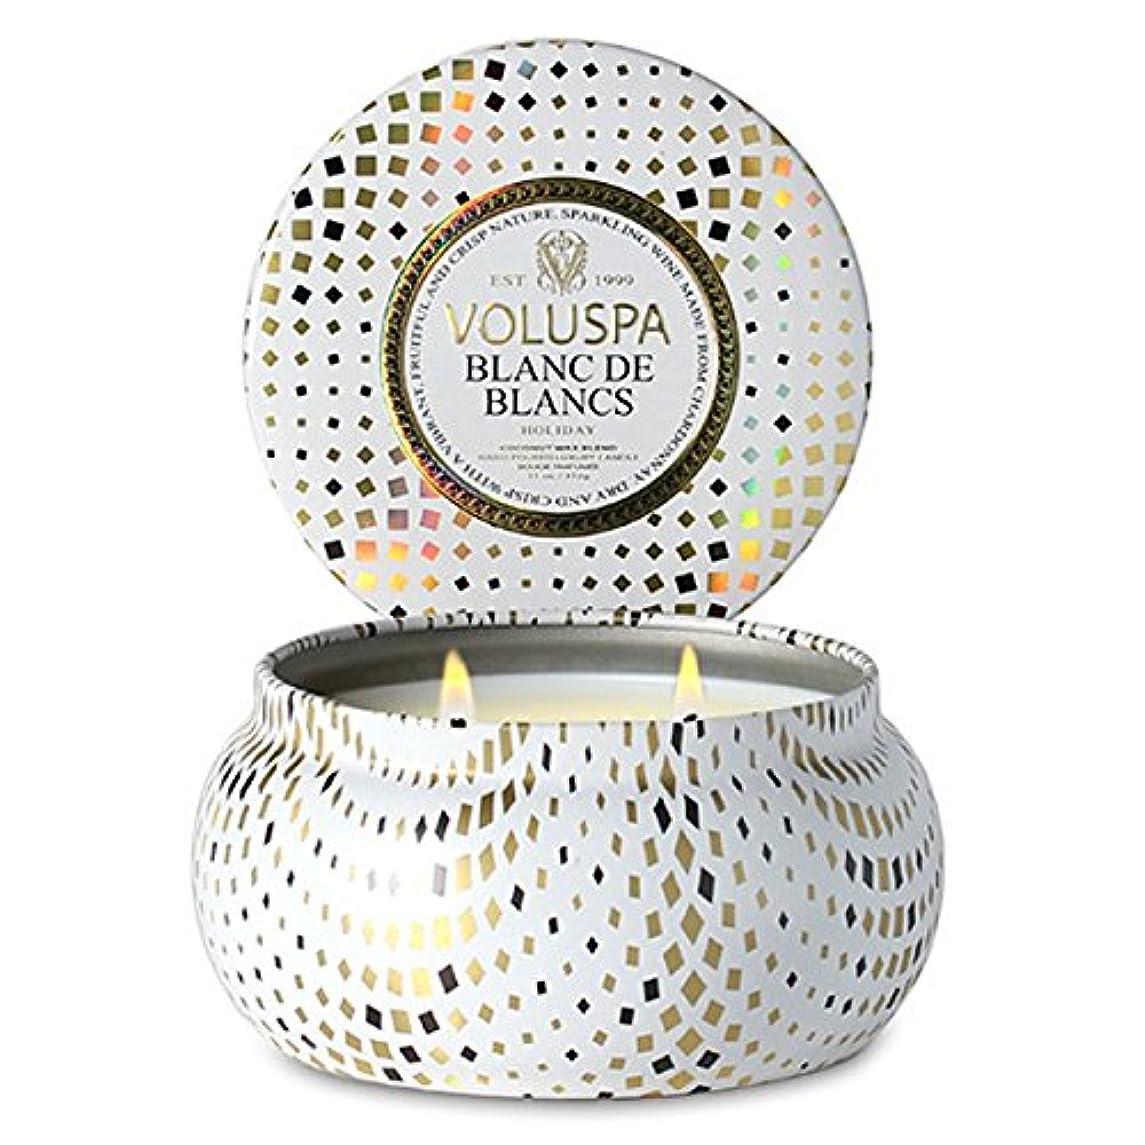 依存する封建コンサルタントVoluspa ボルスパ メゾンホリデー 2-Wick ティンキャンドル ブラン ド ブラン BLANC DE BLANCS MASION HOLIDAY 2-ウィック Tin Glass Candle